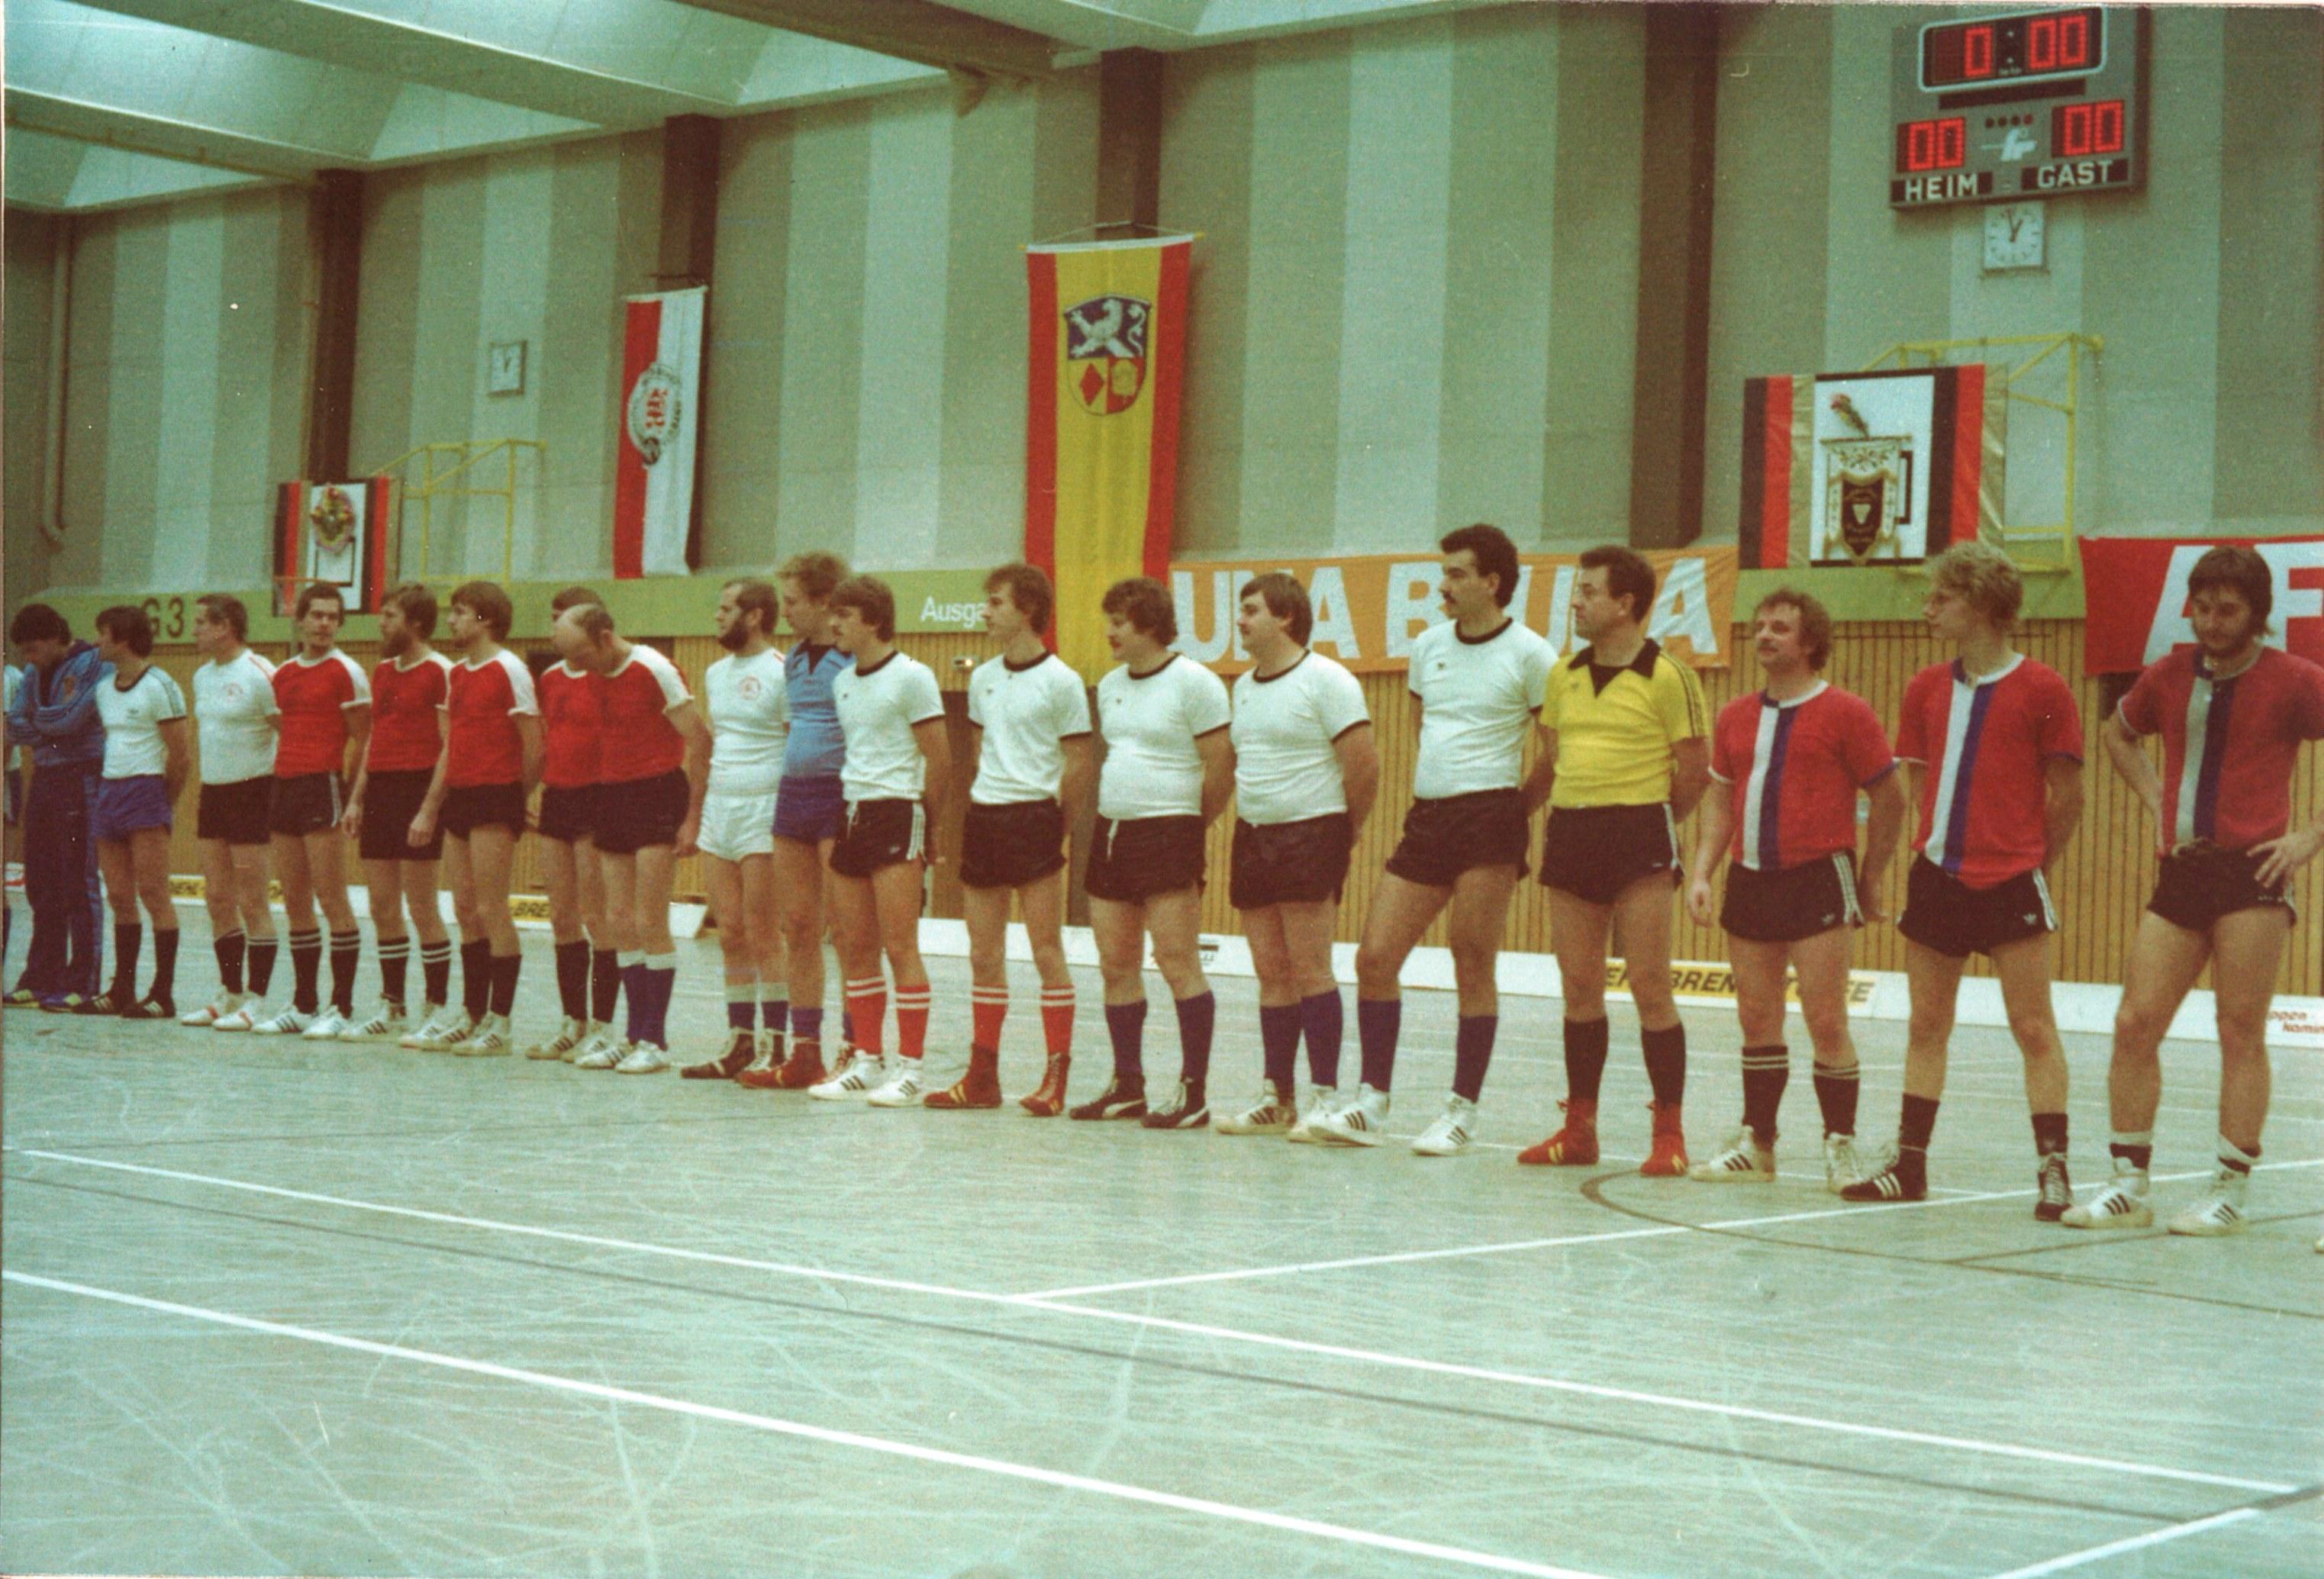 1980 - 5er DM in Asslar mit dem 4. Platz bei der ersten Teilnahme bei einer 5er DM5